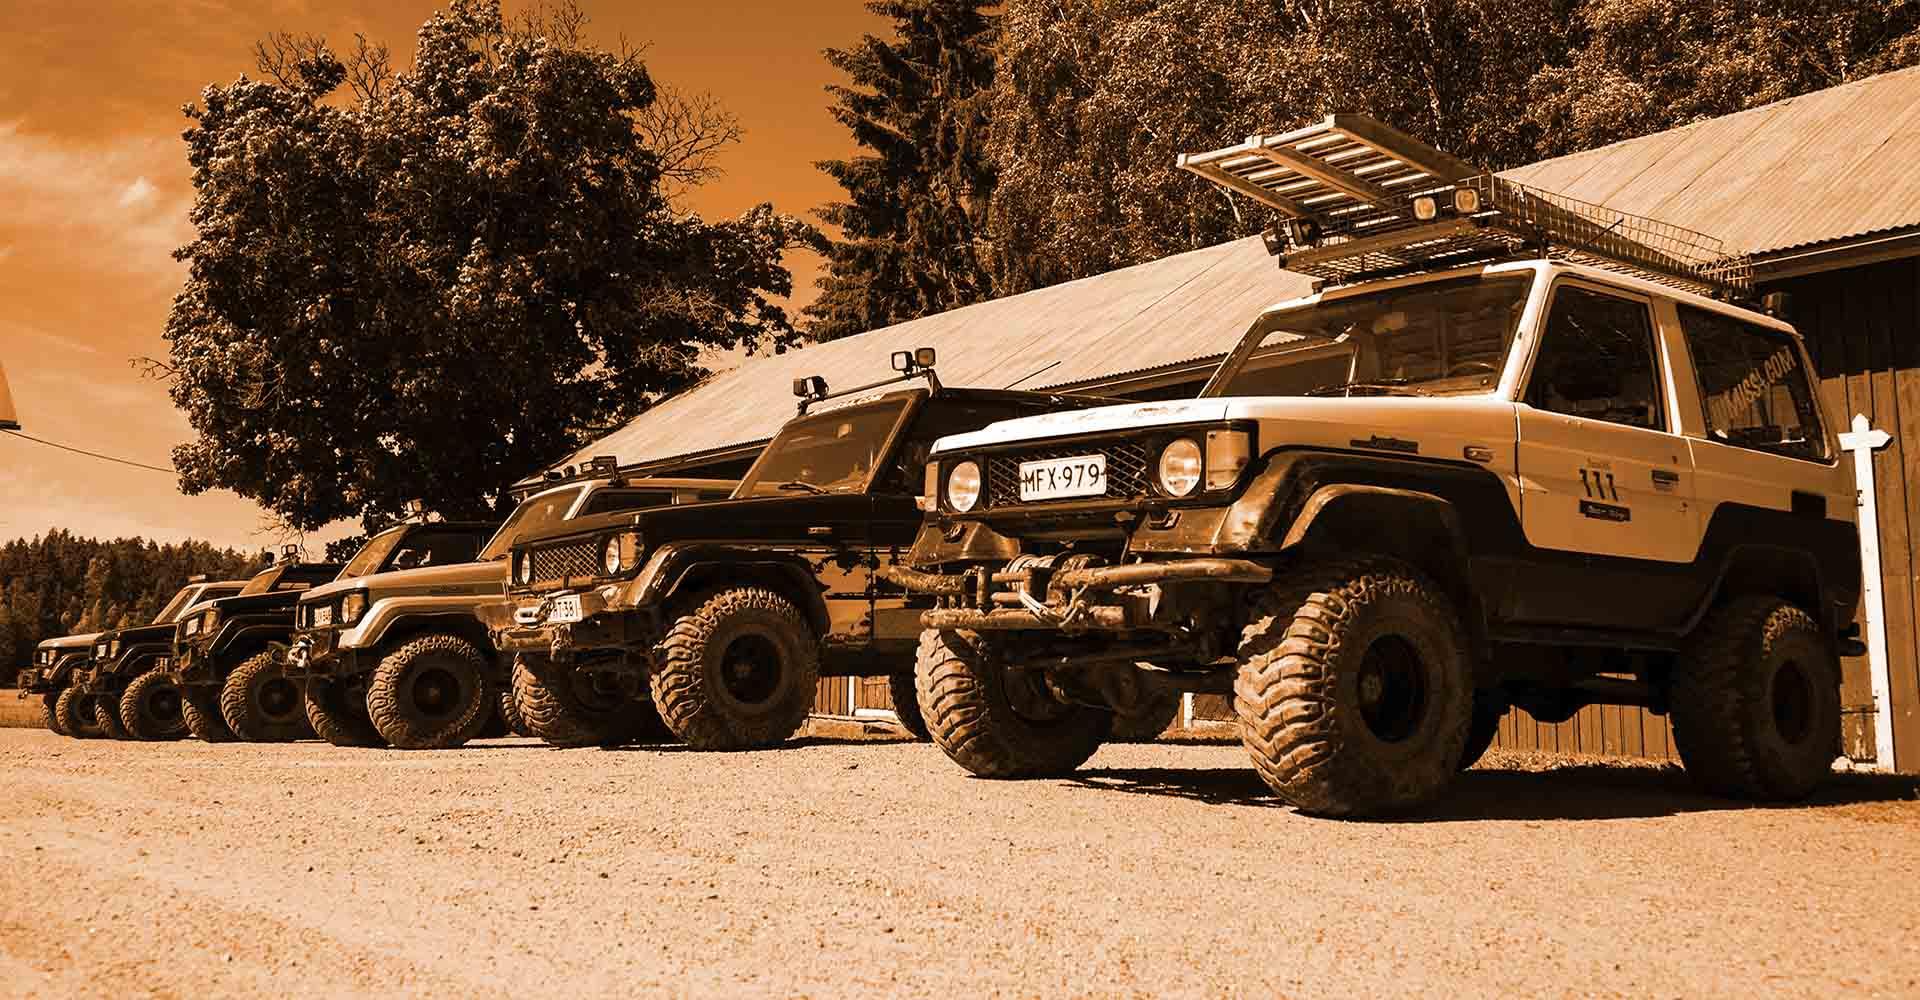 Off-road safaris